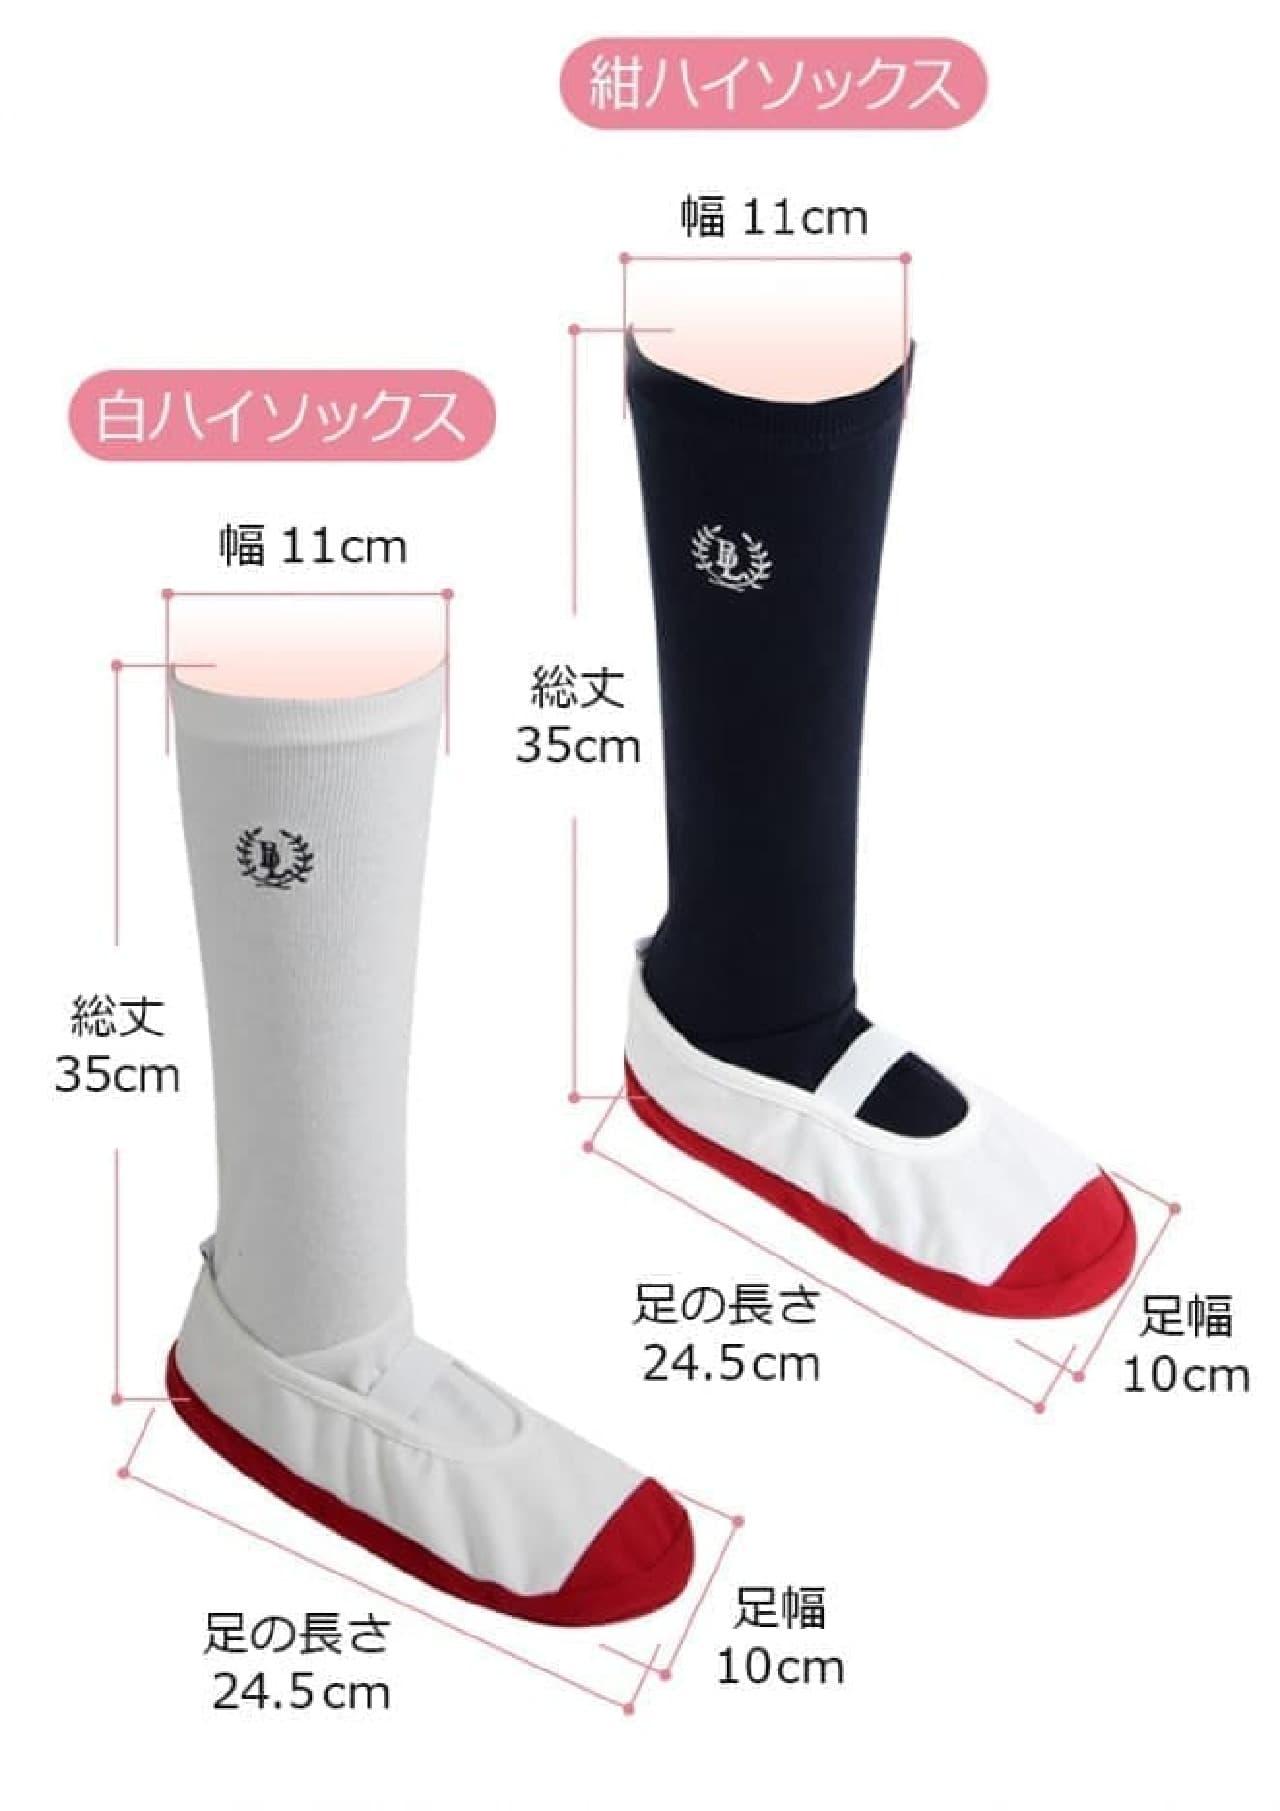 「上履きルームソックス」は、足部分が上履き、足首から上がソックスというデザインのリラックスグッズ